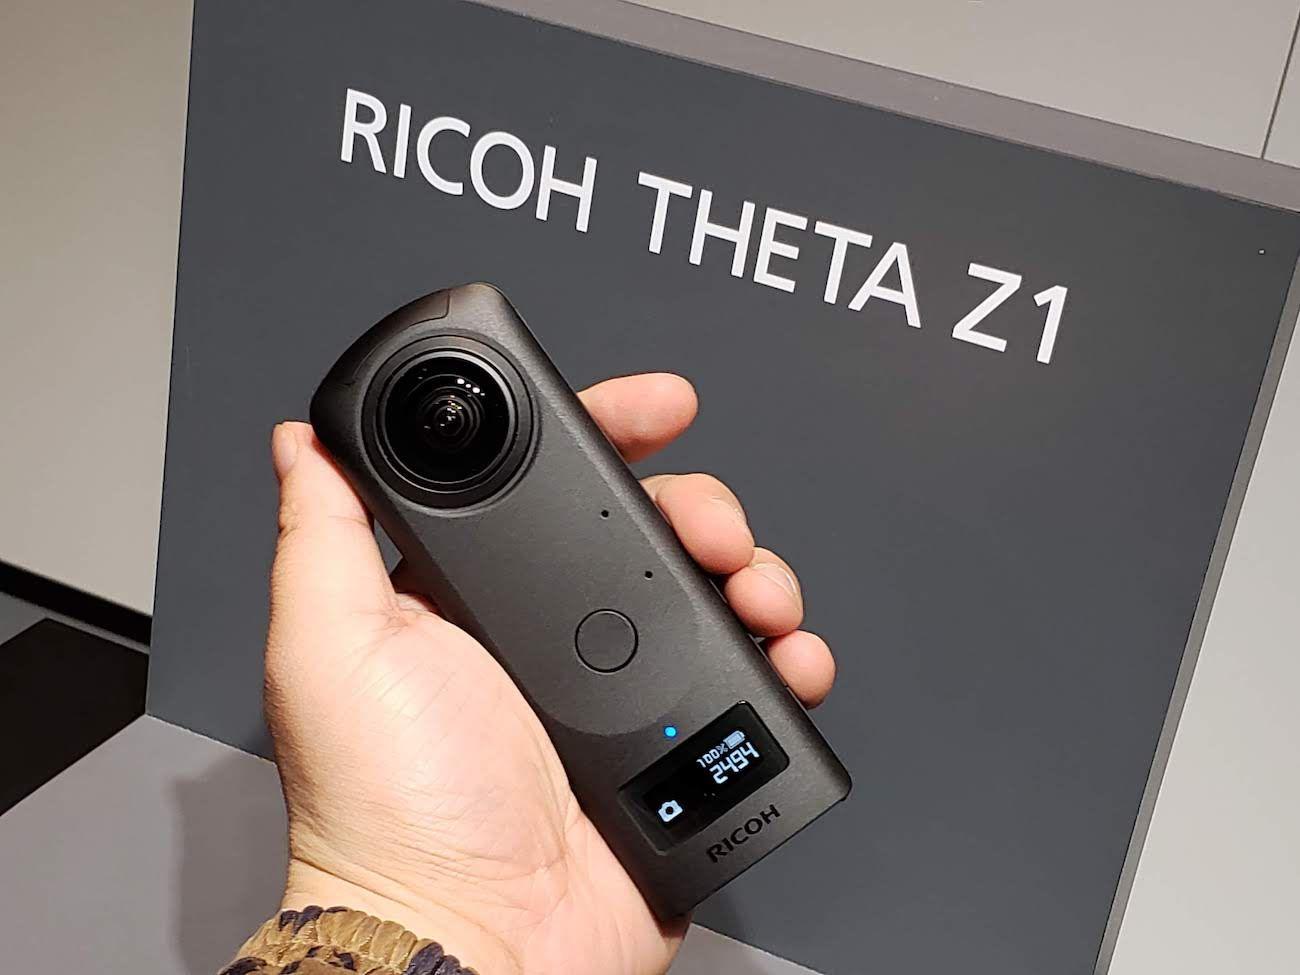 Ricoh Theta Z1